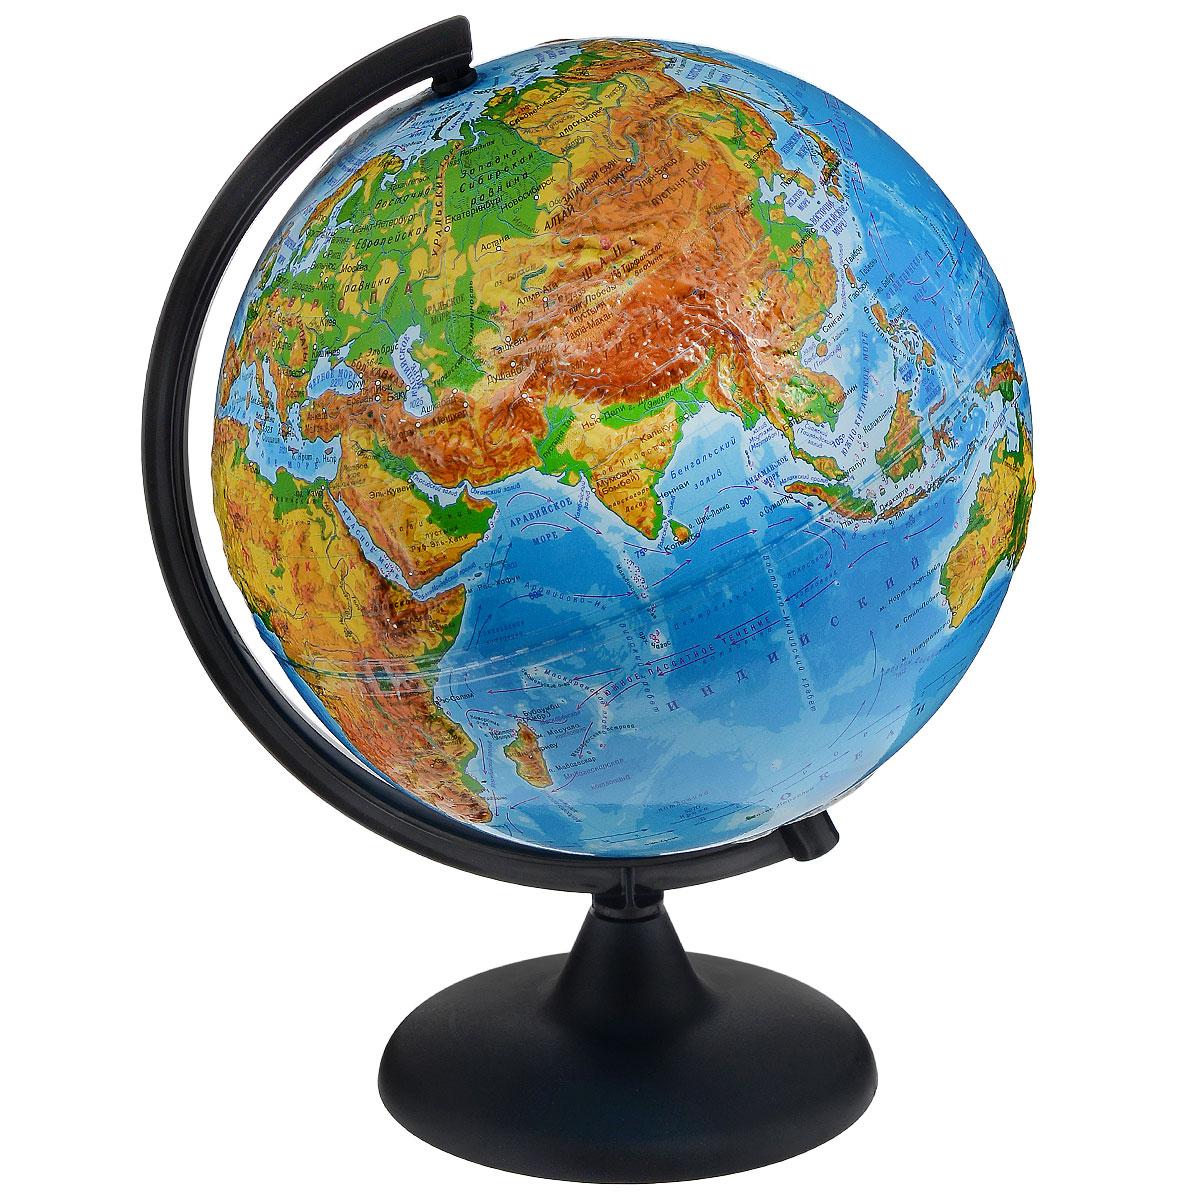 Глобусный мир Глобус с физической картой, рельефный, диаметр 25 см, на подставкеКе022500195Географический глобус с физической картой мира станет незаменимым атрибутом обучения не только школьника, но и студента. На глобусе отображены линии картографической сетки, гидрографическая сеть, рельеф суши и морского дна, крупнейшие населенные пункты, теплые и холодные течения. Глобус является уменьшенной и практически не искаженной моделью Земли и предназначен для использования в качестве наглядного картографического пособия, а также для украшения интерьера квартир, кабинетов и офисов. Красочность, повышенная наглядность визуального восприятия взаимосвязей, отображенных на глобусе объектов и явлений, в сочетании с простотой выполнения по нему различных измерений делают глобус доступным широкому кругу потребителей для получения разнообразной познавательной, научной и справочной информации о Земле. Масштаб: 1:50000000.